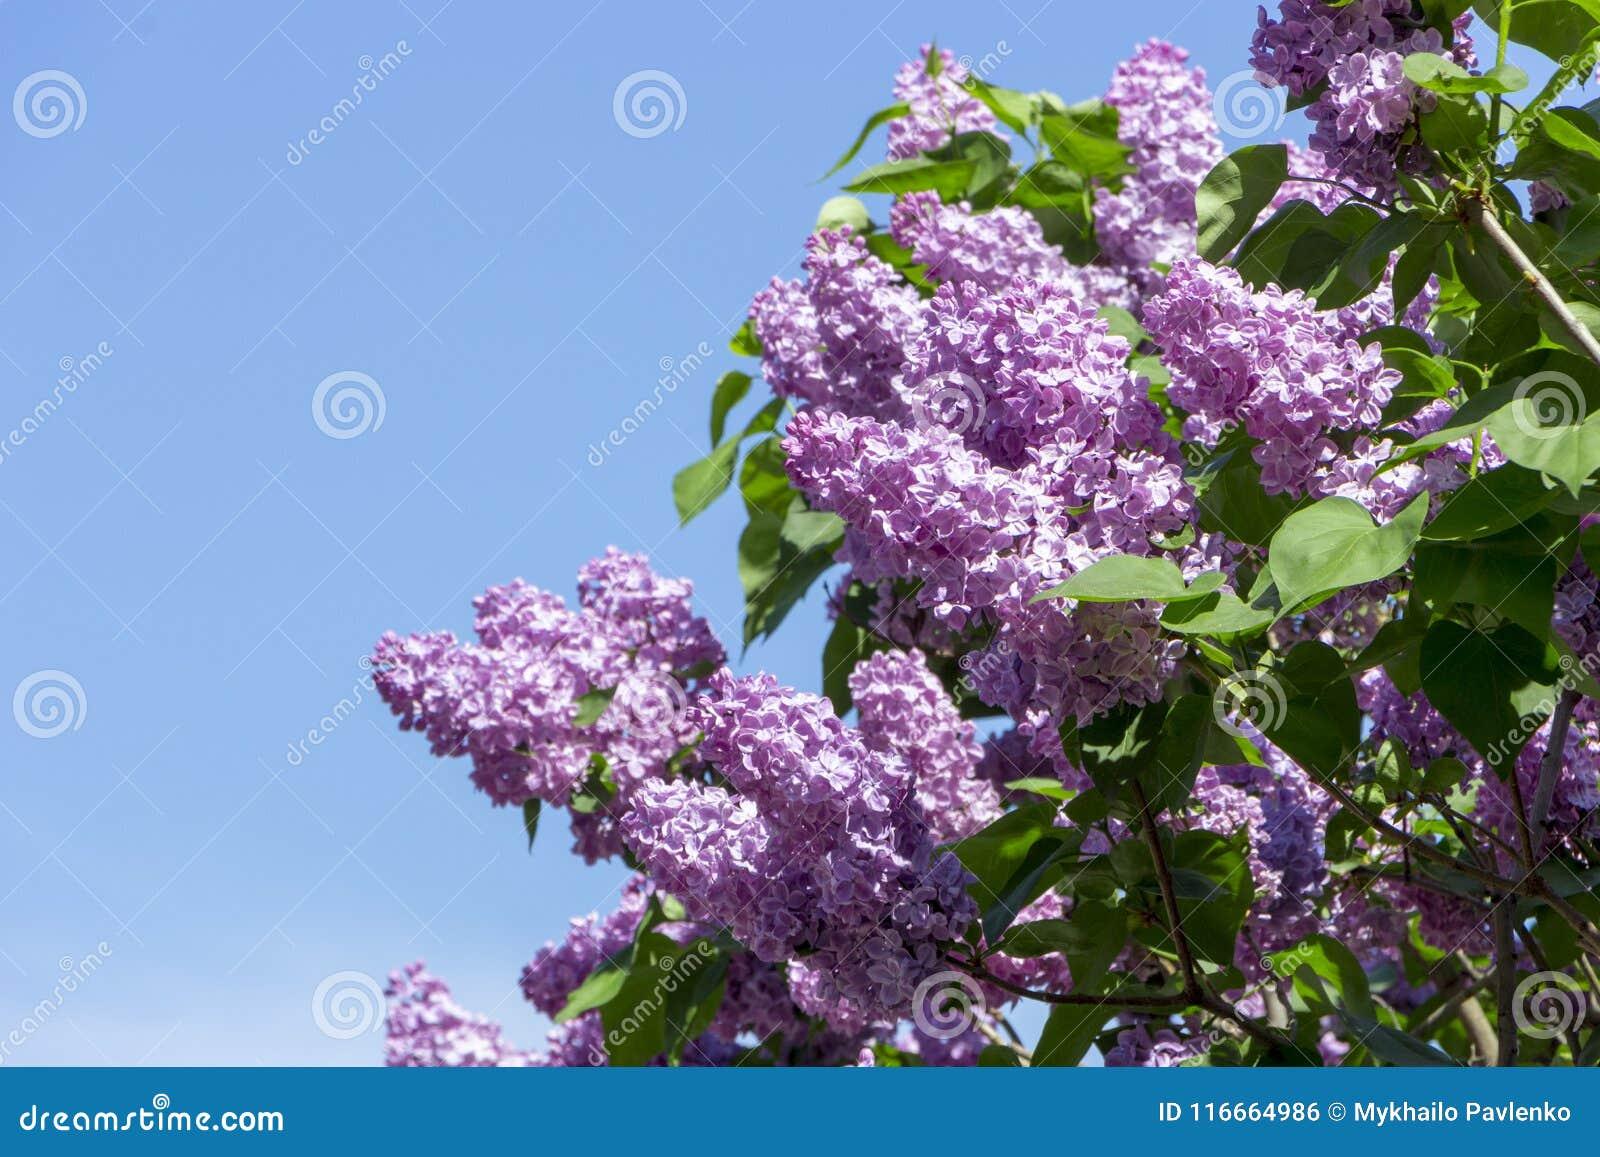 Den härliga purpurfärgade lilan blommar utomhus